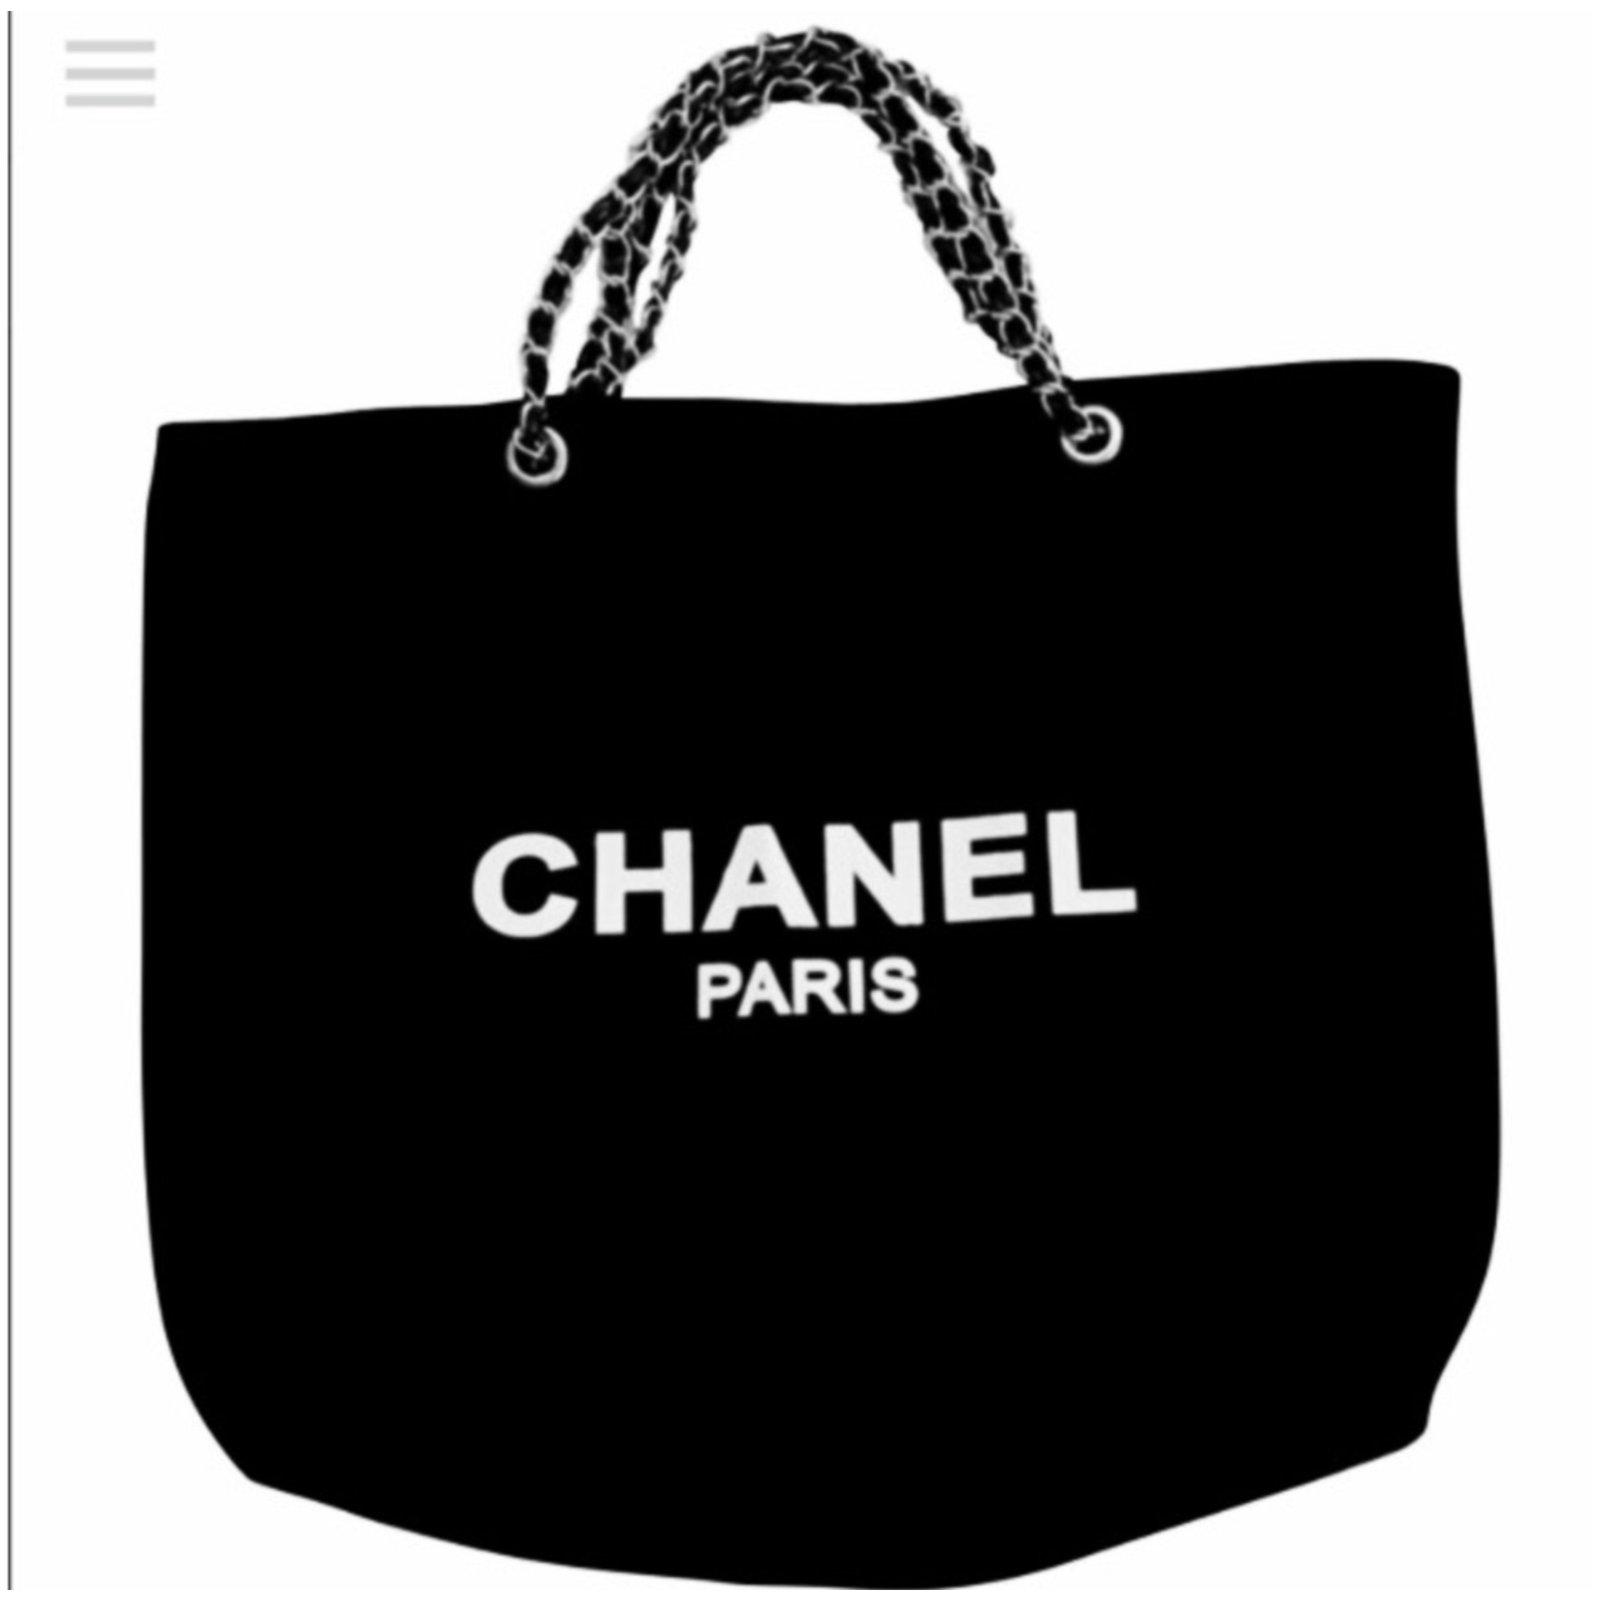 9f9cf87d6d7d Chanel Handbags VIP gifts Cloth Black ref.79670 - Joli Closet